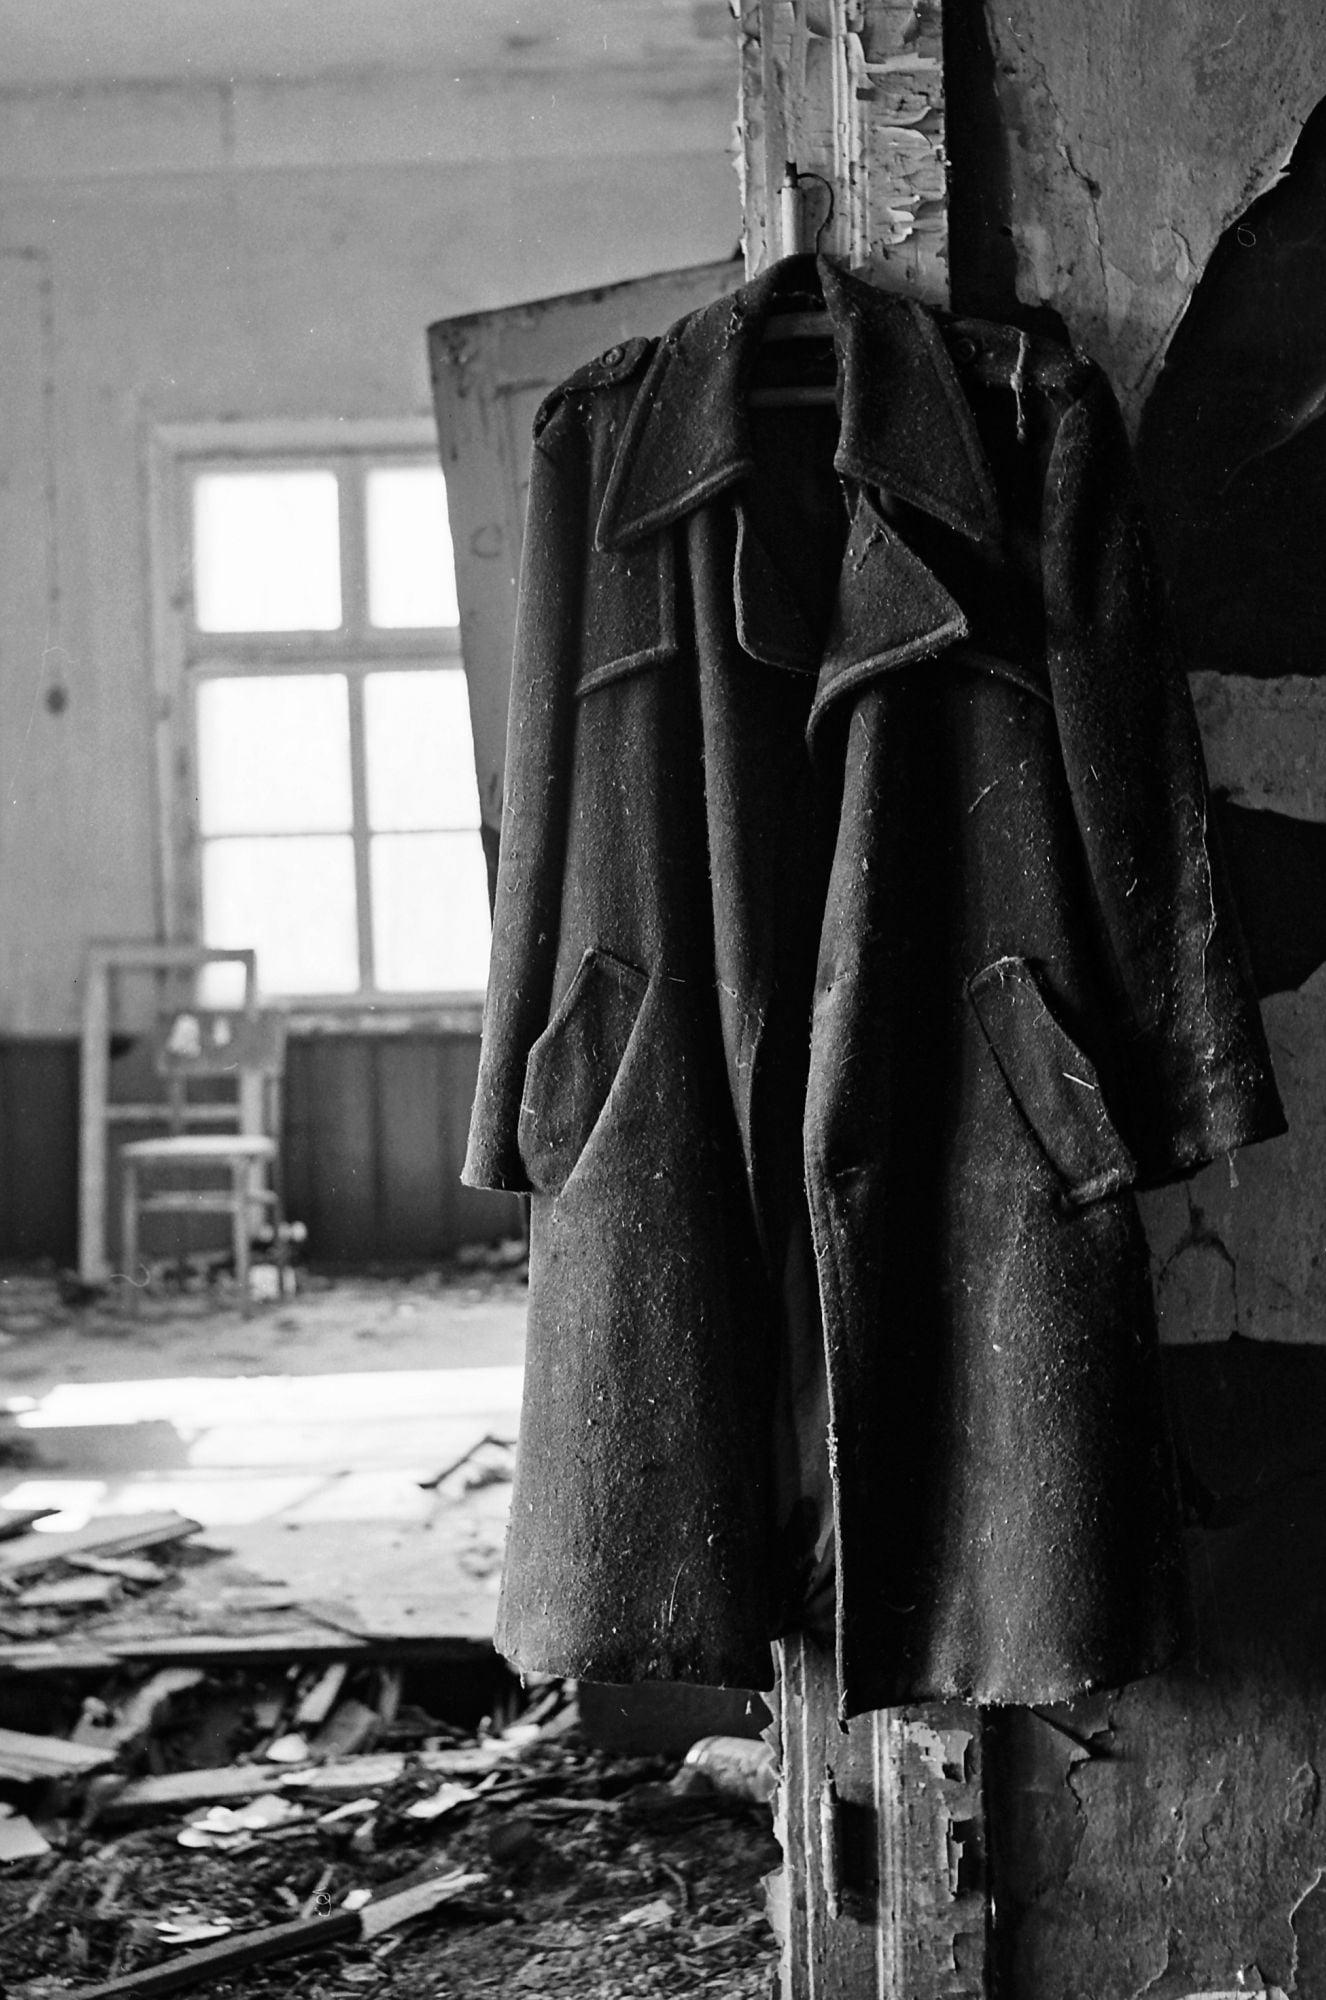 Czarno-białe zdjęcie przedstawia wnętrze opuszczonego, zdewastowanego pomieszczenia. Na pierwszym planie stary zniszczony płaszcz wiszący na haku wbitym w futrynę. Na podłodze śmieci, połamane drewno. W tle stare krzesło i duże, jasne okno.